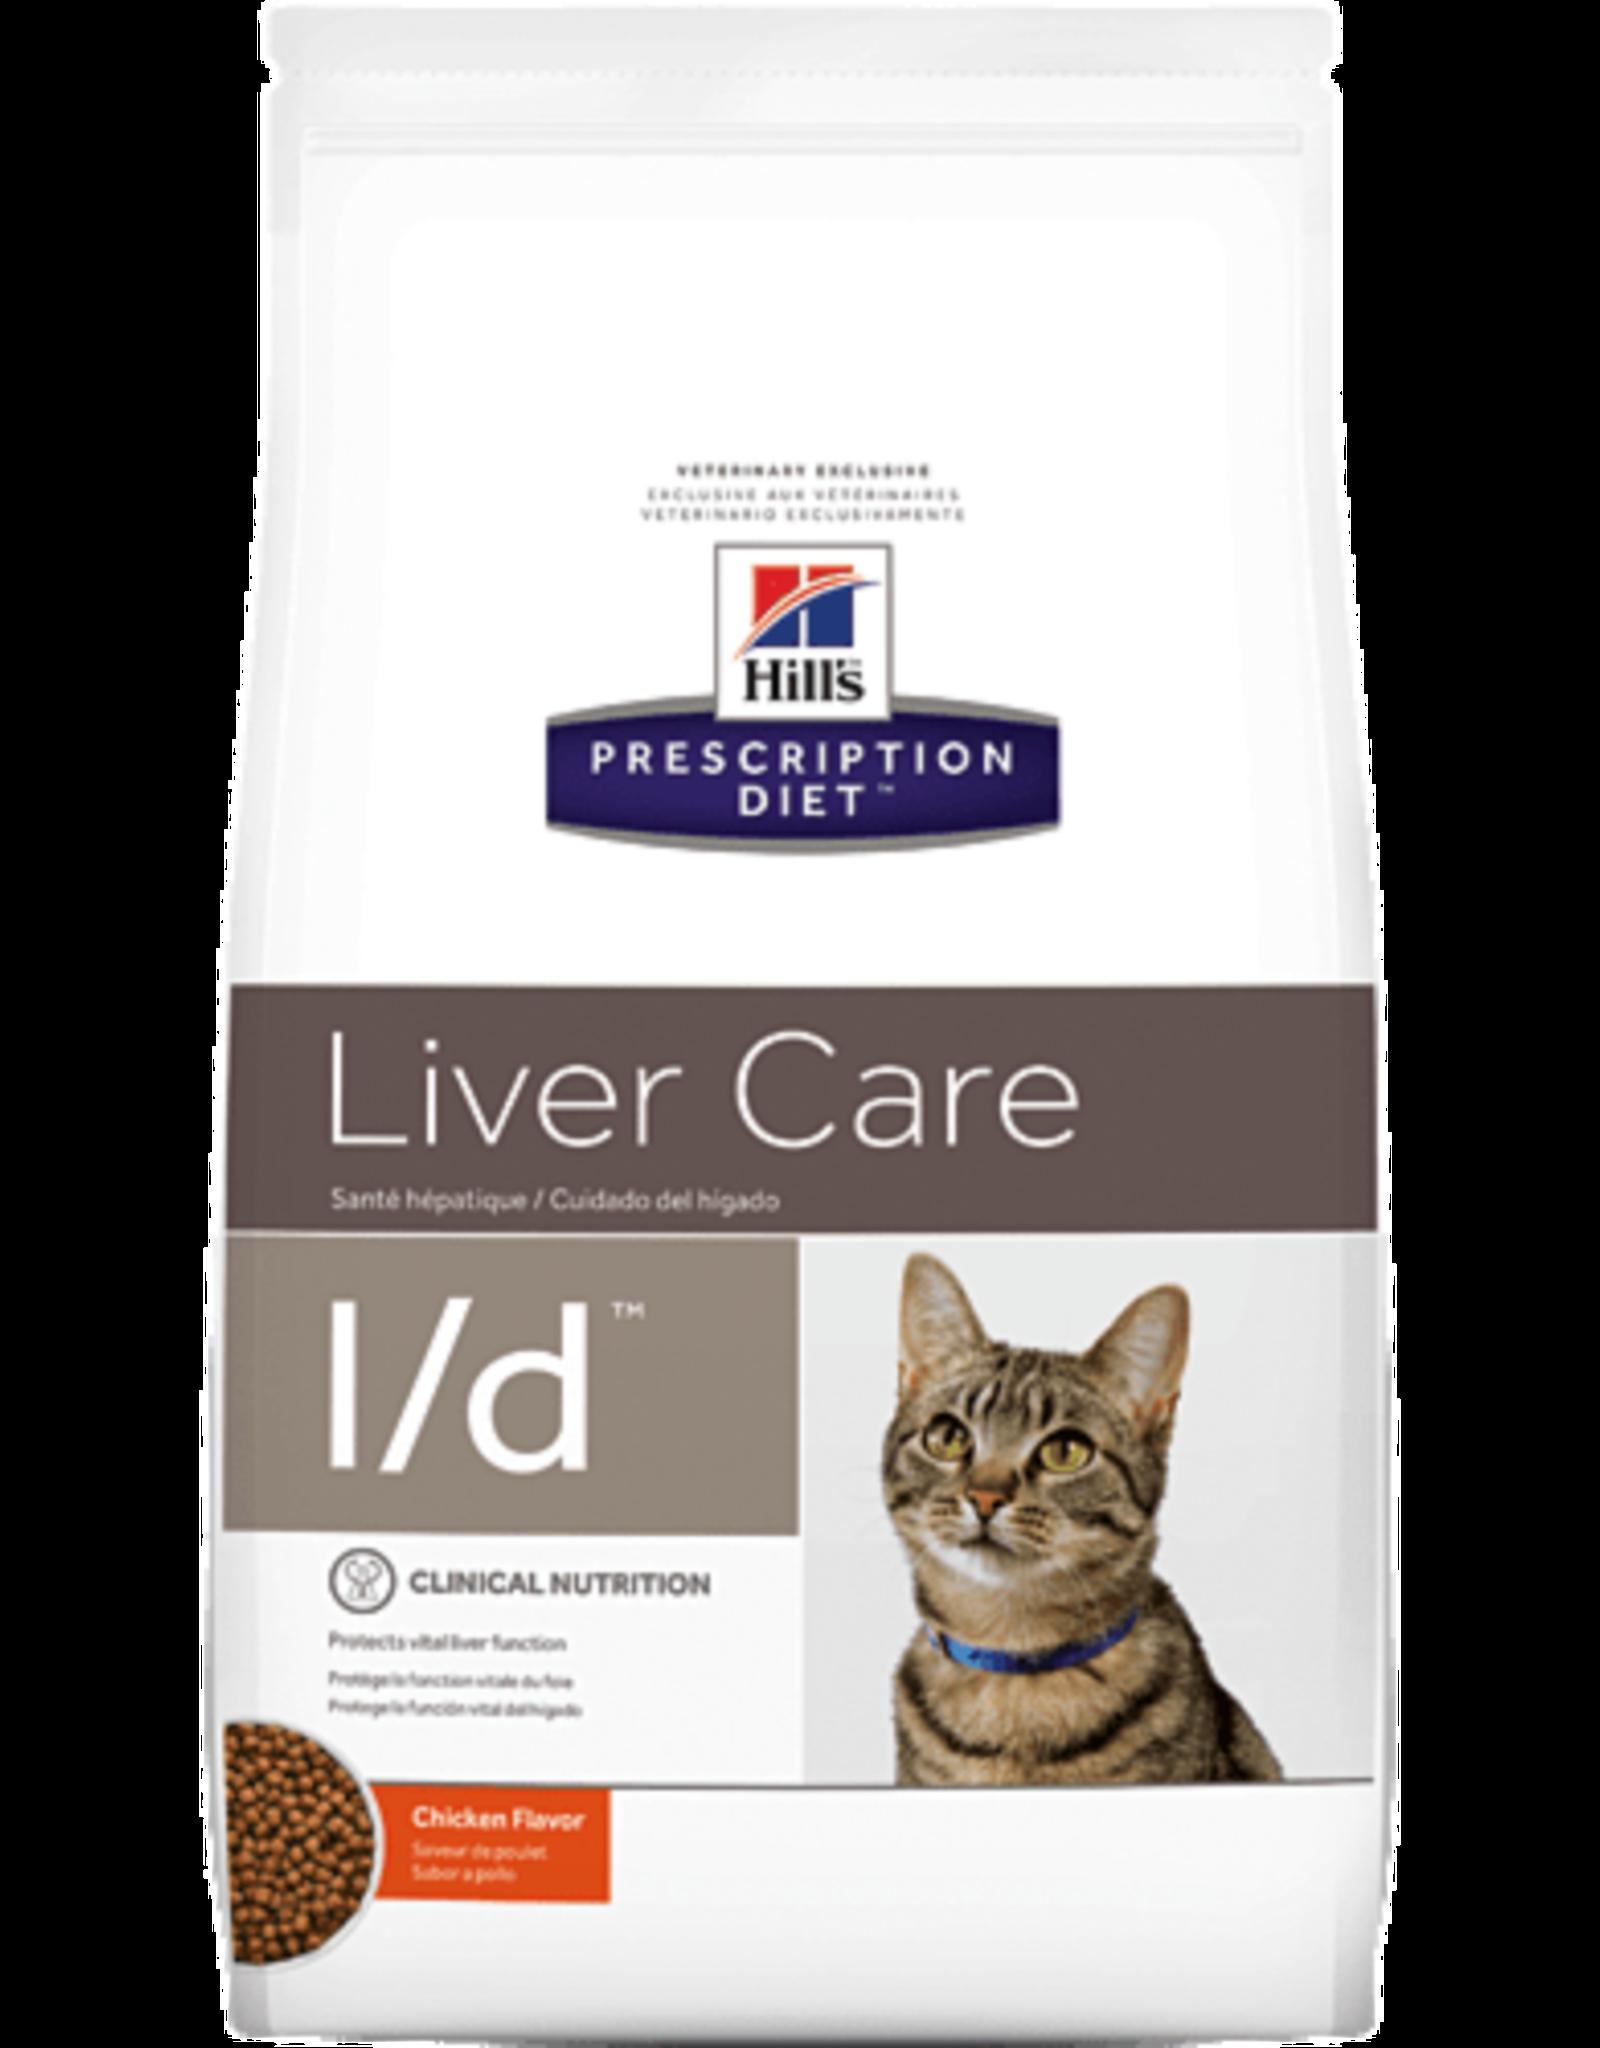 Hill's Hill's Prescription Diet L/d Chat 1,5kg